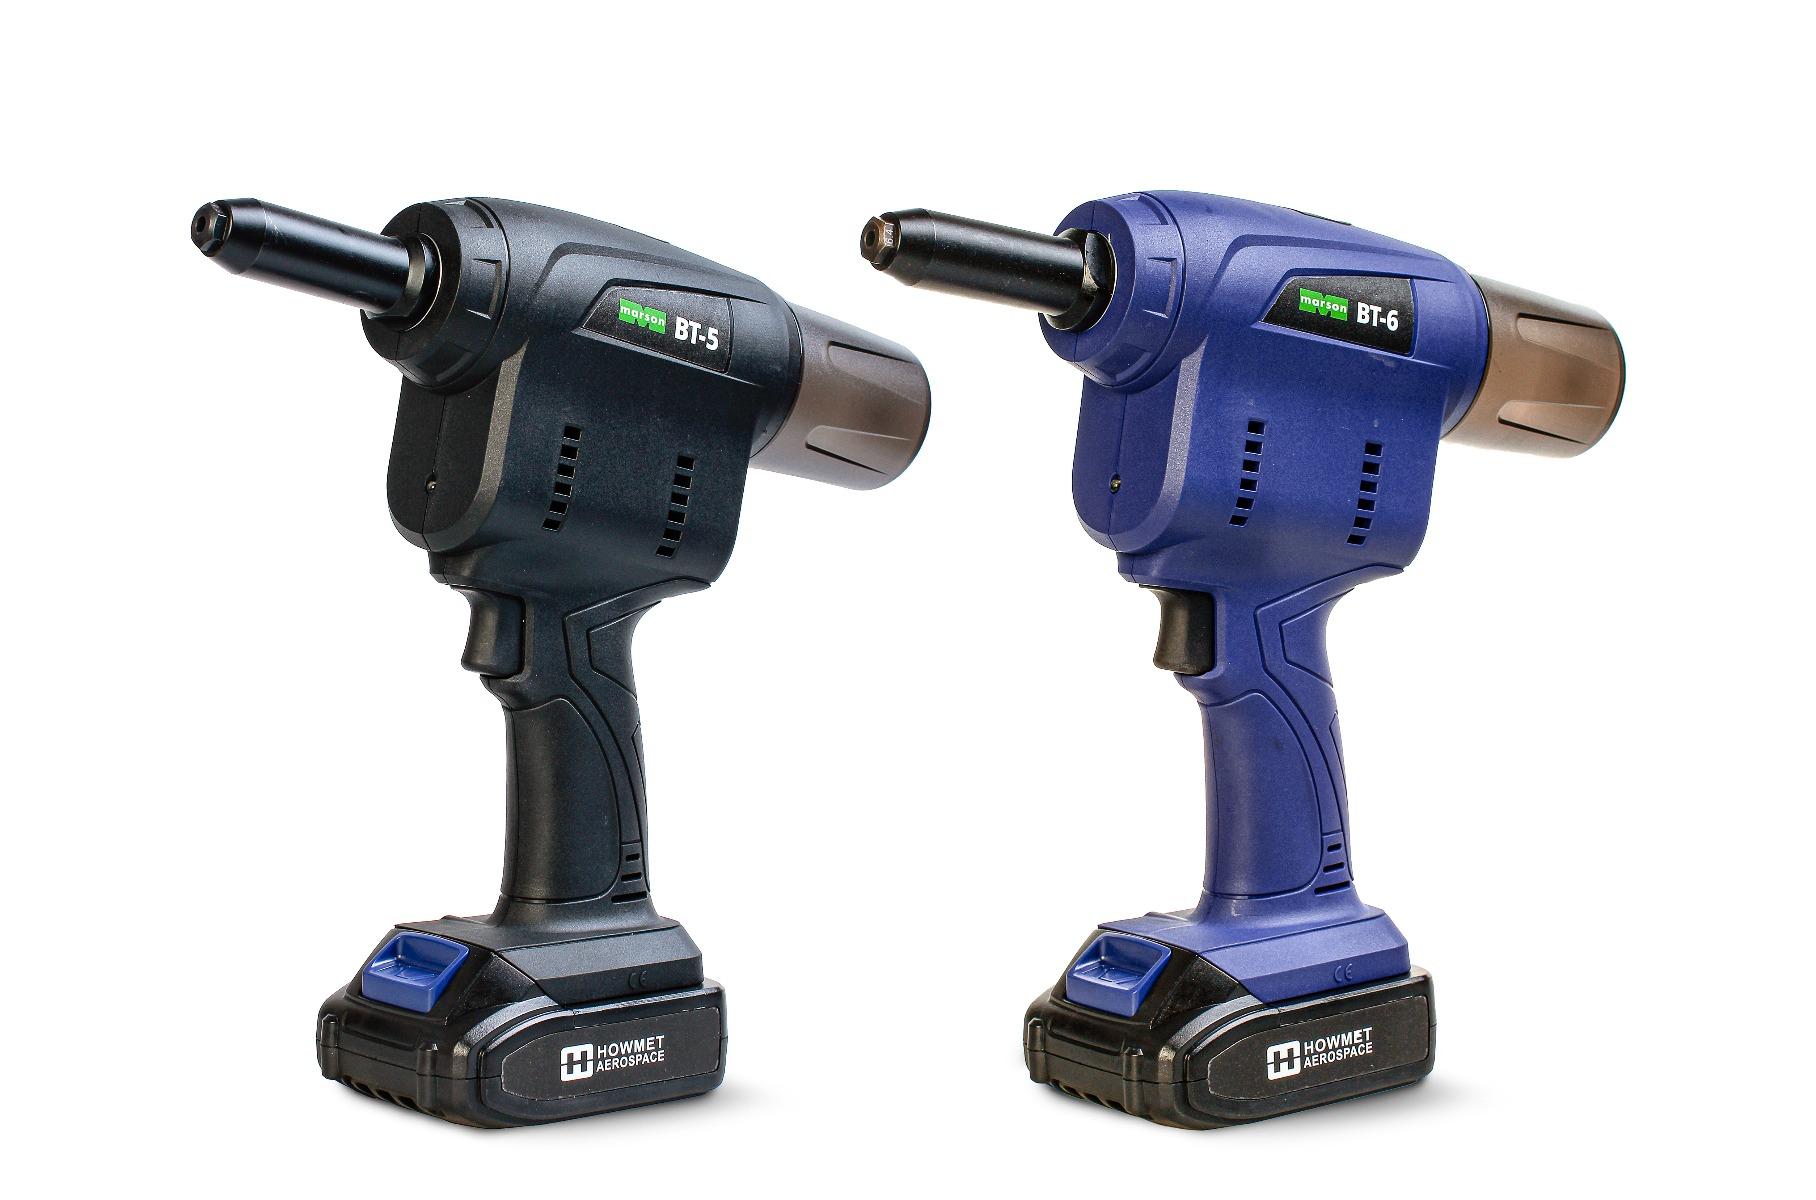 Marson BT5 and BT6 battery rivet tools